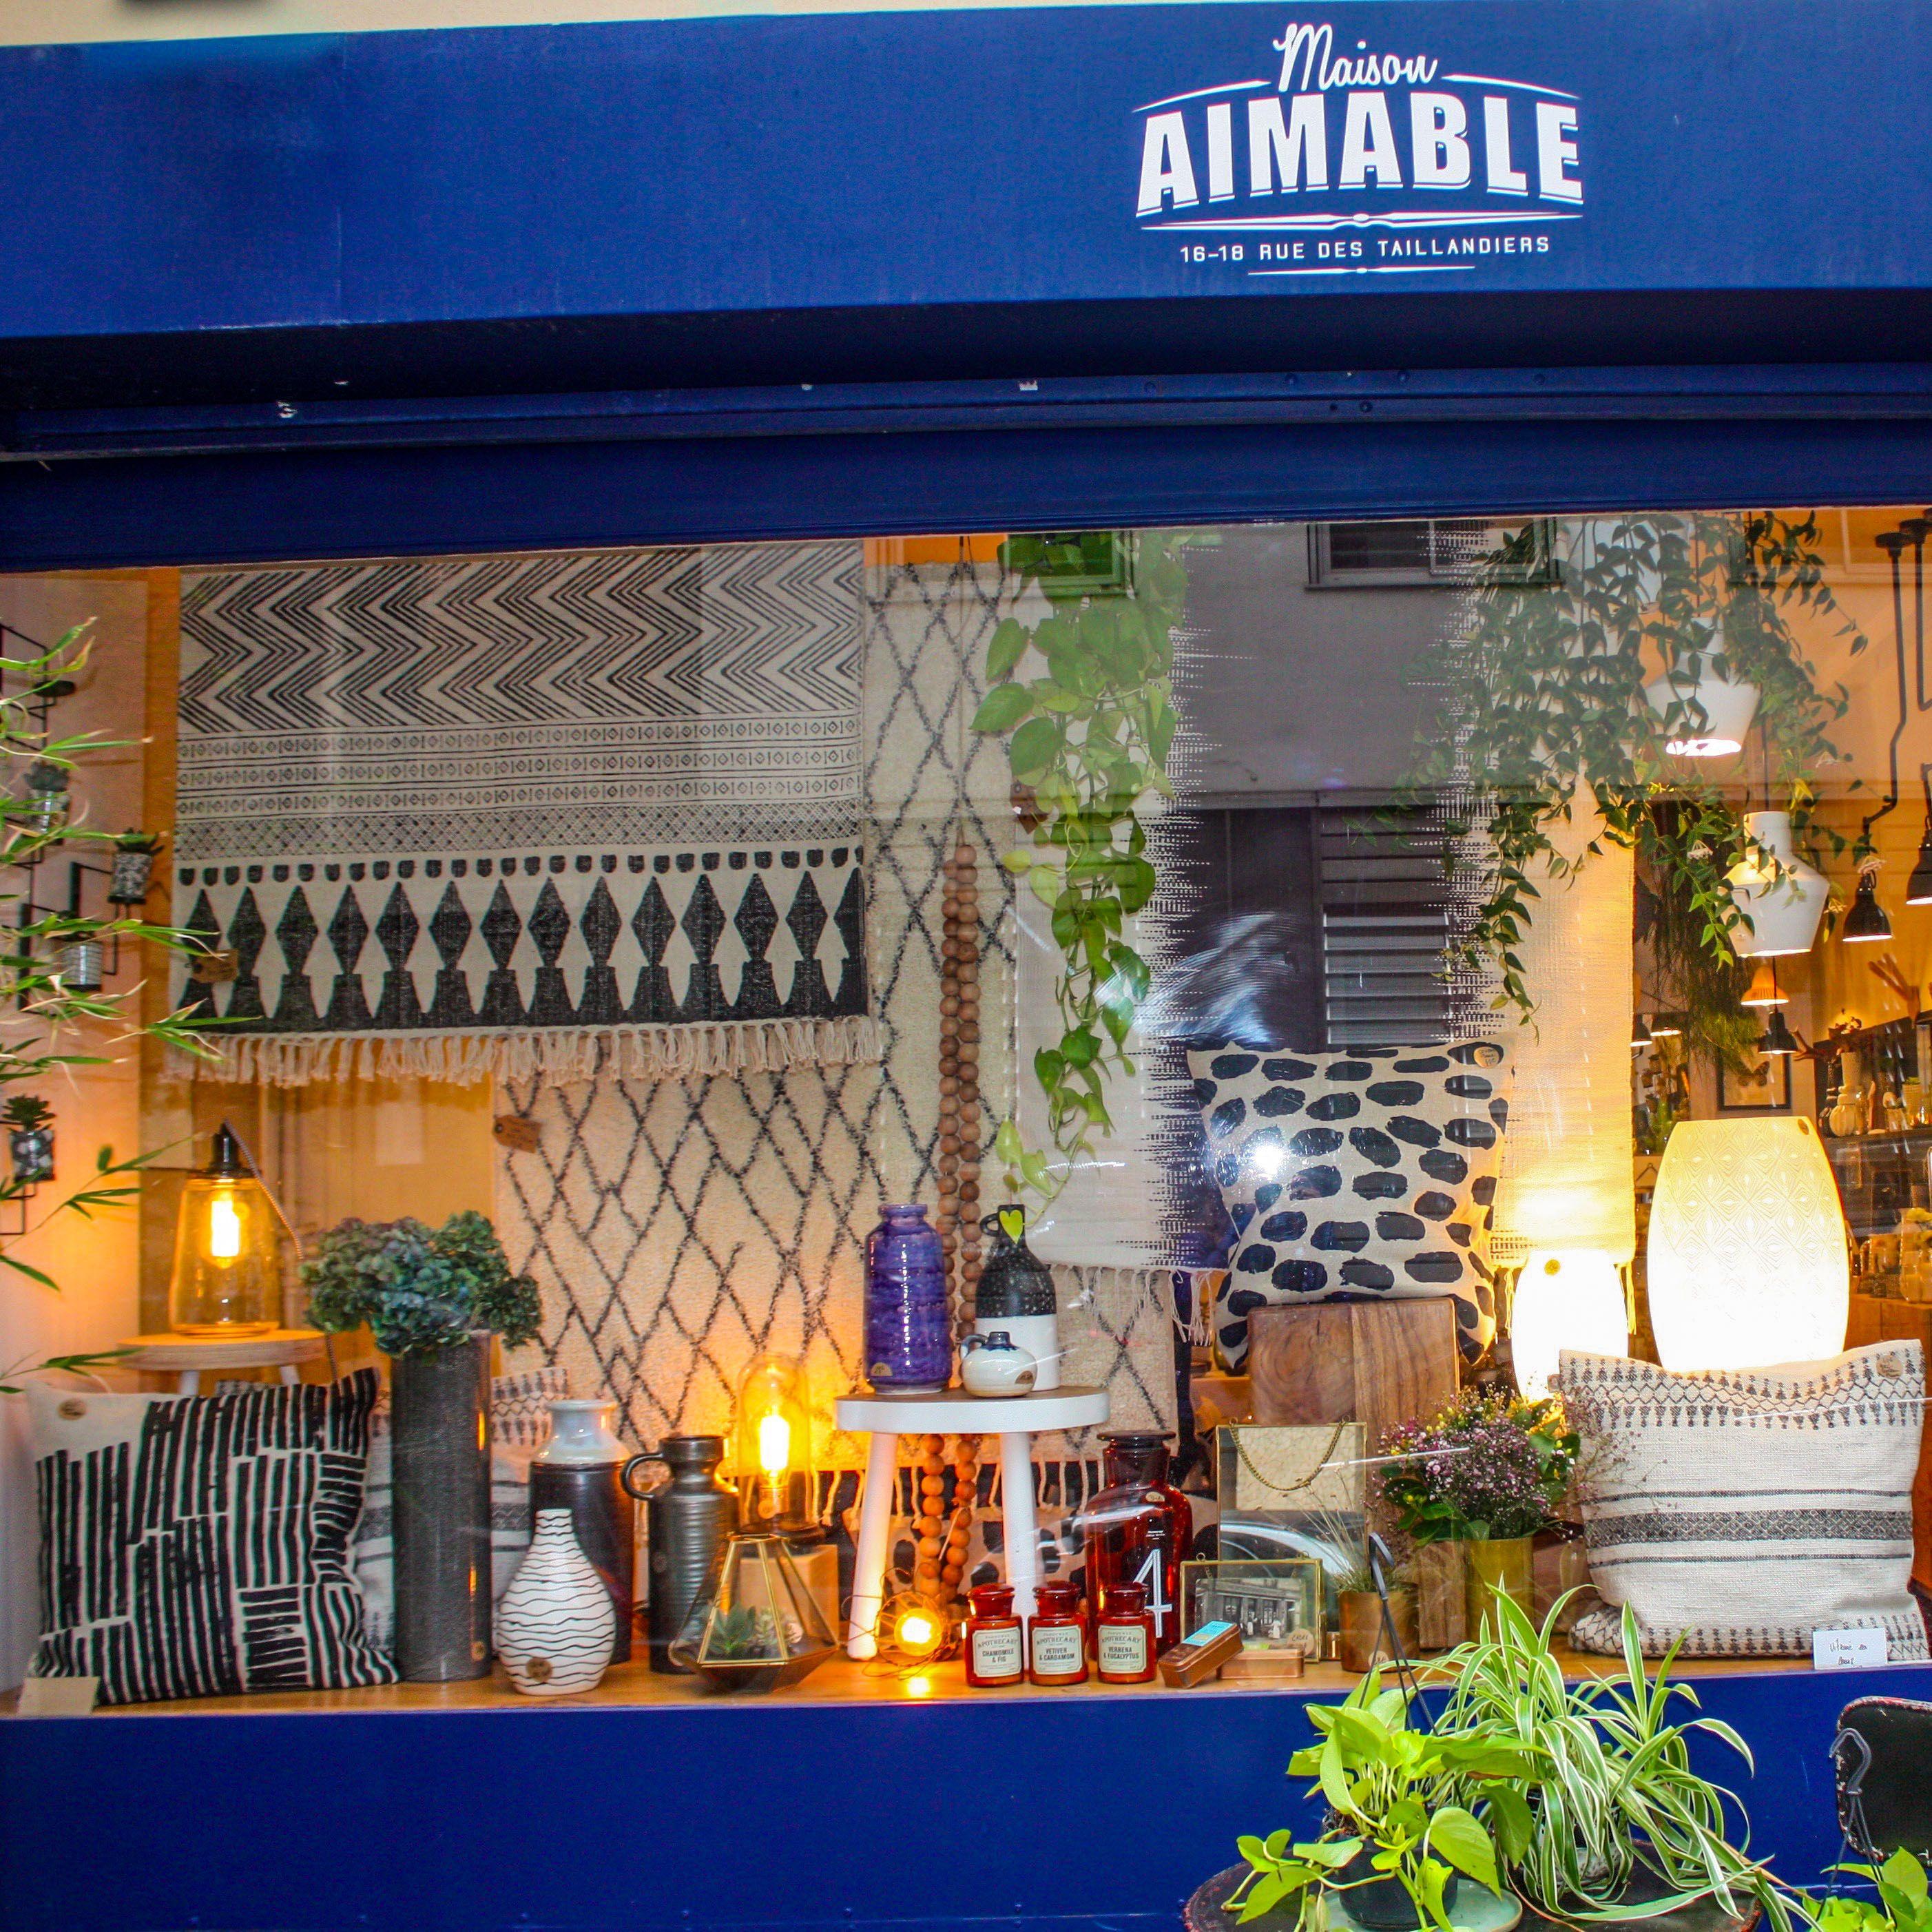 Maison AIMABLE, en plein coeur du Marais, on adore la vitrine, elle ...